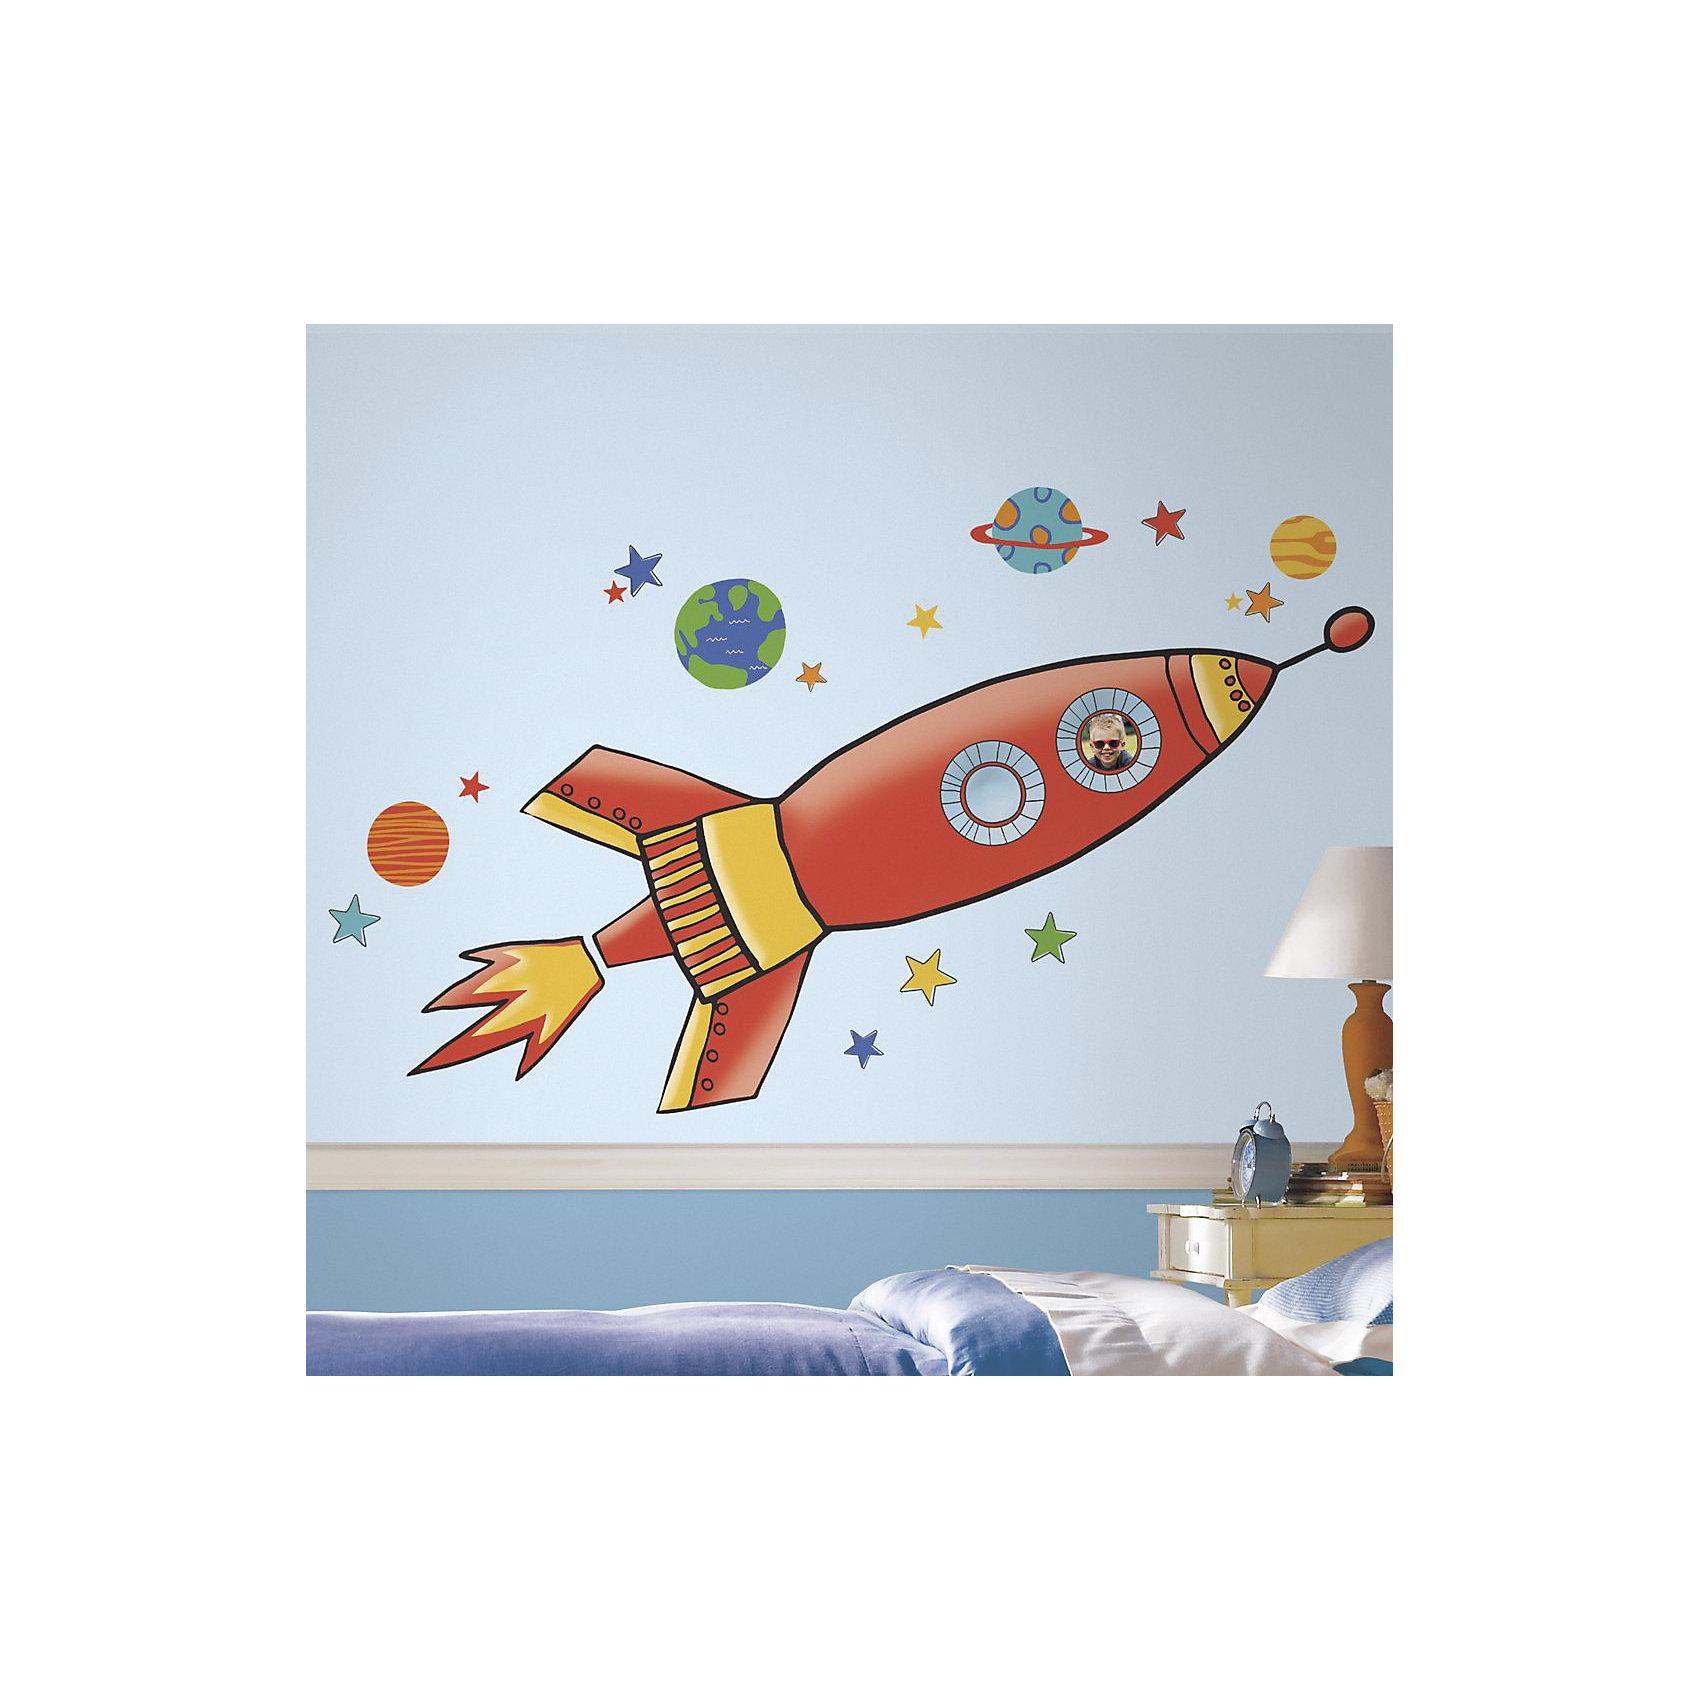 Наклейки для декора Ракета, большой форматПредметы интерьера<br>Наклейки для декора Ракета, RoomMates, замечательно подойдут для украшения Вашего интерьера и придадут ему оригинальный вид. В комплект входят наклейки большого формата с красочным изображением космической ракеты в окружении звезд и планет. Наклейки просты в применении и подходят для многоразового использования. Освободите выбранный рисунок от защитного слоя и приклейте на стену или любую другую плоскую гладкую поверхность. Стикеры легко отклеиваются и не оставляют липких следов на поверхности. Яркие наклейки с красочными интересными рисунками будут радовать Вашего ребенка и создавать атмосферу домашнего уюта.<br><br>Дополнительная информация:<br><br>- Материал: винил.<br>- Размер изображения в собранном виде: 135 х 49,3 см.<br>- Размер упаковки: 48,3 х 12,7 х 2,6 см. <br>- Вес: 0,227 кг. <br><br>Наклейки для декора Ракета, большой формат, RoomMates, можно купить в нашем интернет-магазине.<br><br>Ширина мм: 483<br>Глубина мм: 127<br>Высота мм: 26<br>Вес г: 331<br>Возраст от месяцев: 36<br>Возраст до месяцев: 144<br>Пол: Мужской<br>Возраст: Детский<br>SKU: 4652198